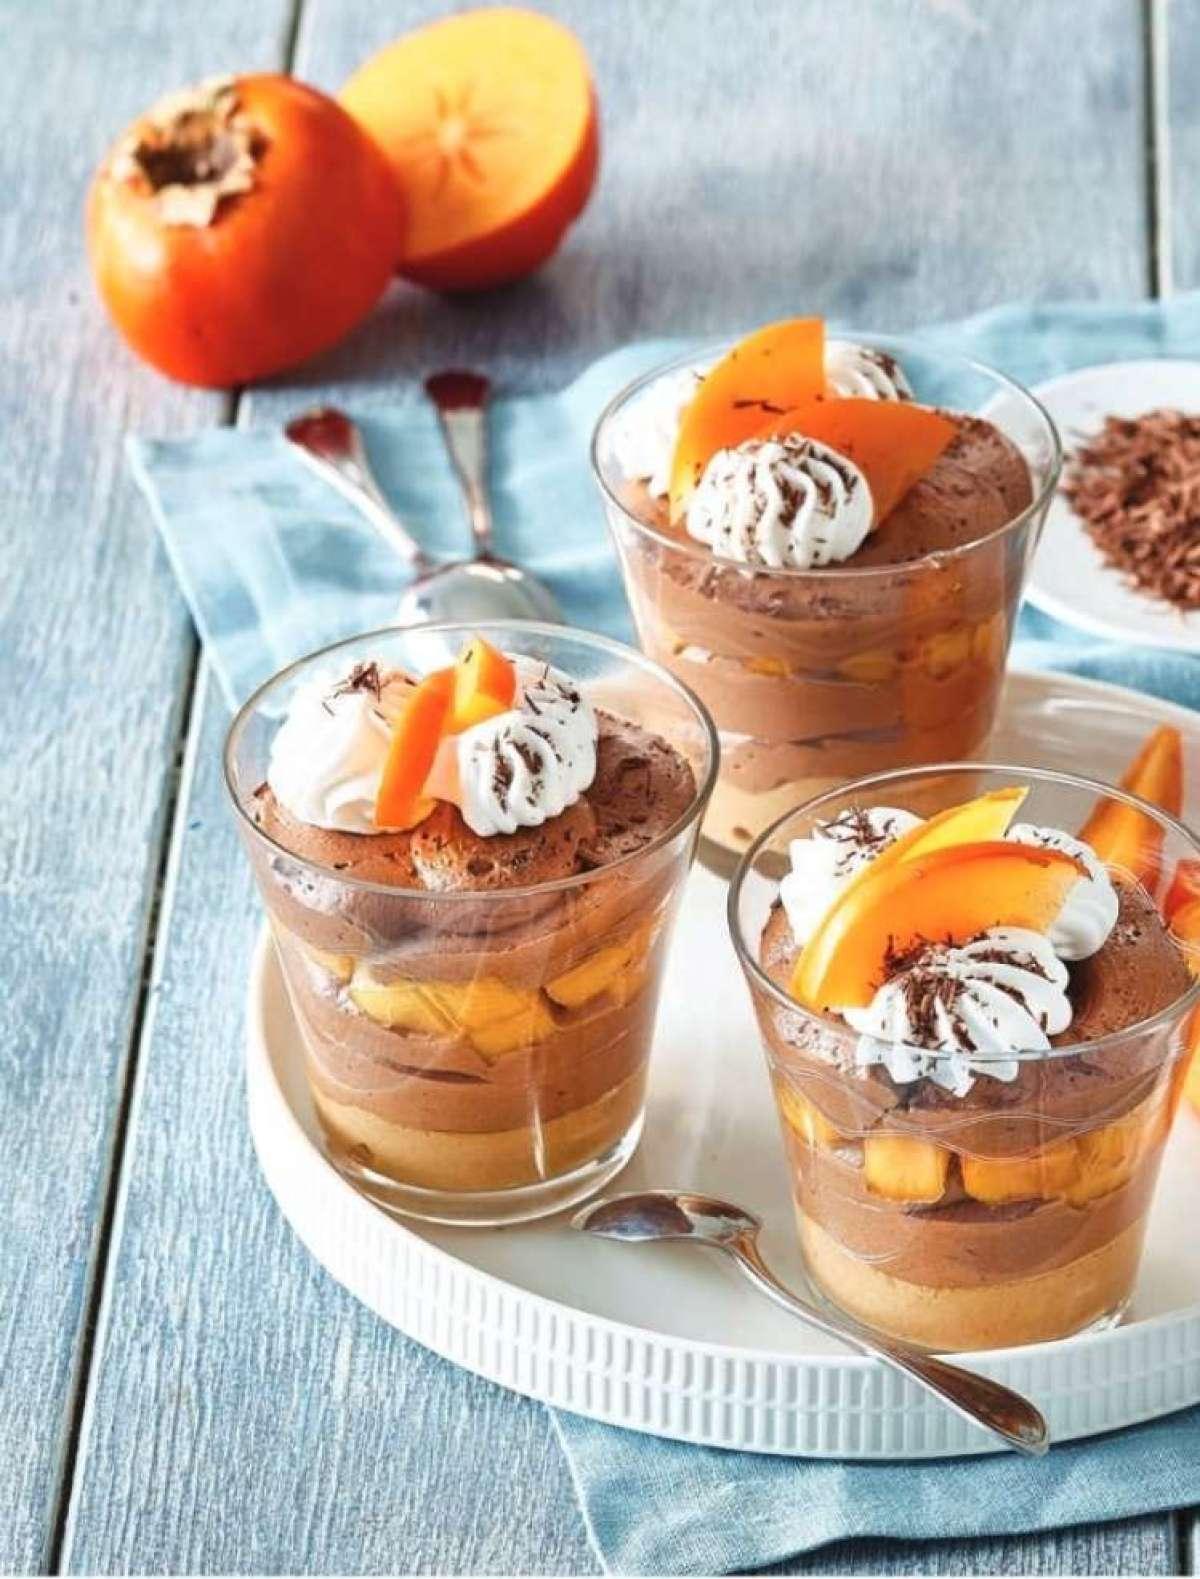 Recept: Čokoladne sladice s slano karamelo in kakiji